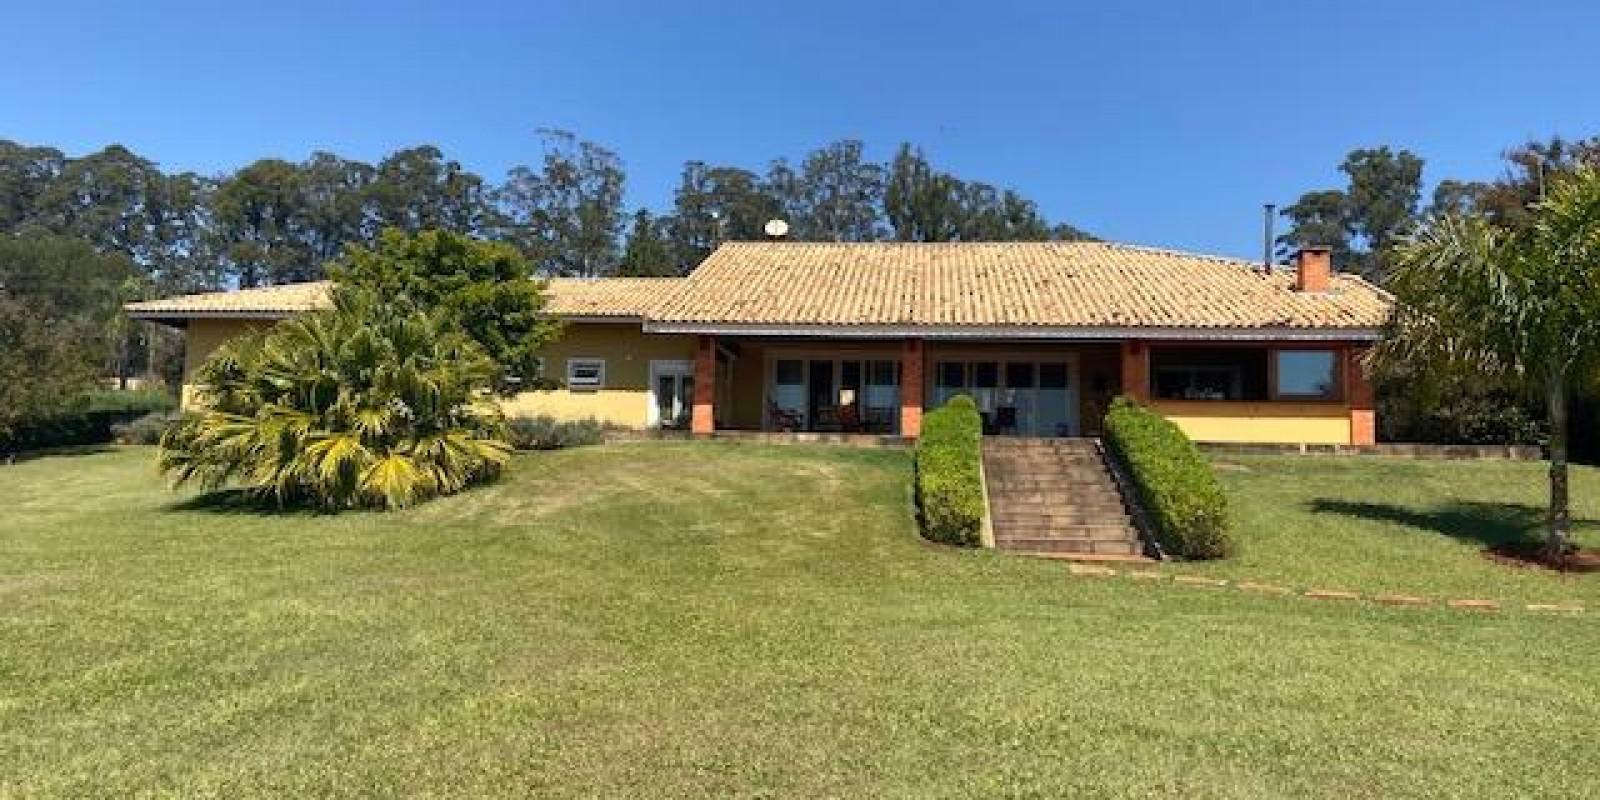 Casa na Represa no Condomínio Parque Náutico em Avaré SP  - Foto 12 de 57